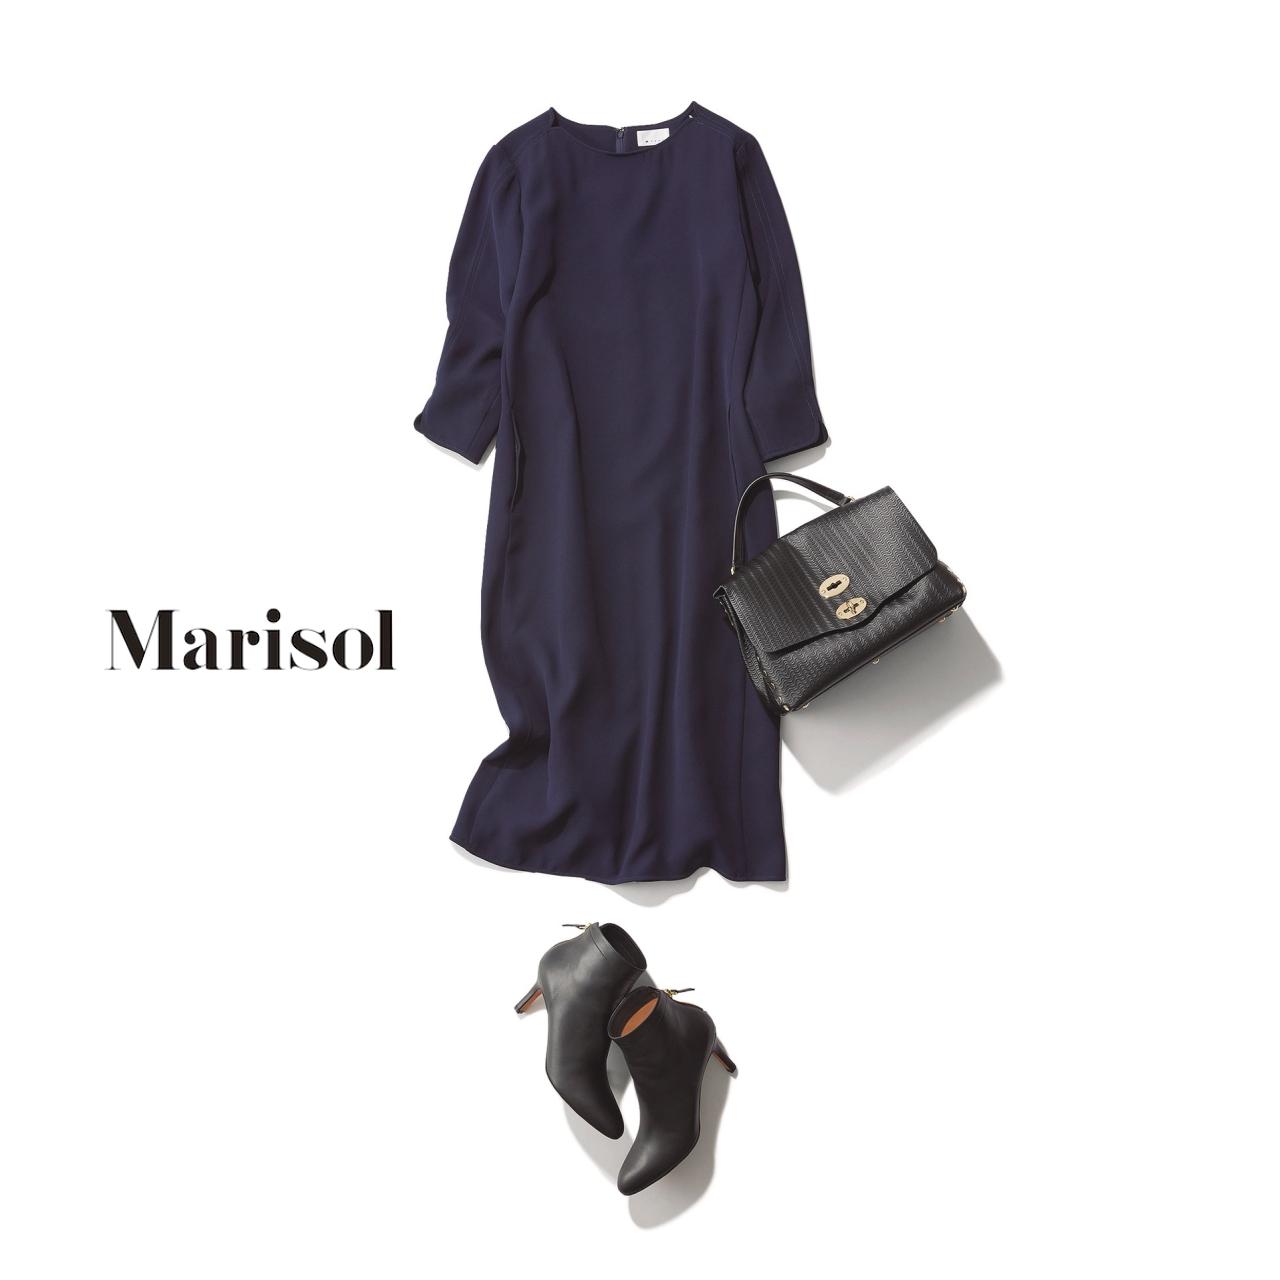 40代ファッション ネイビーワンピース×黒ショートブーツコーデ